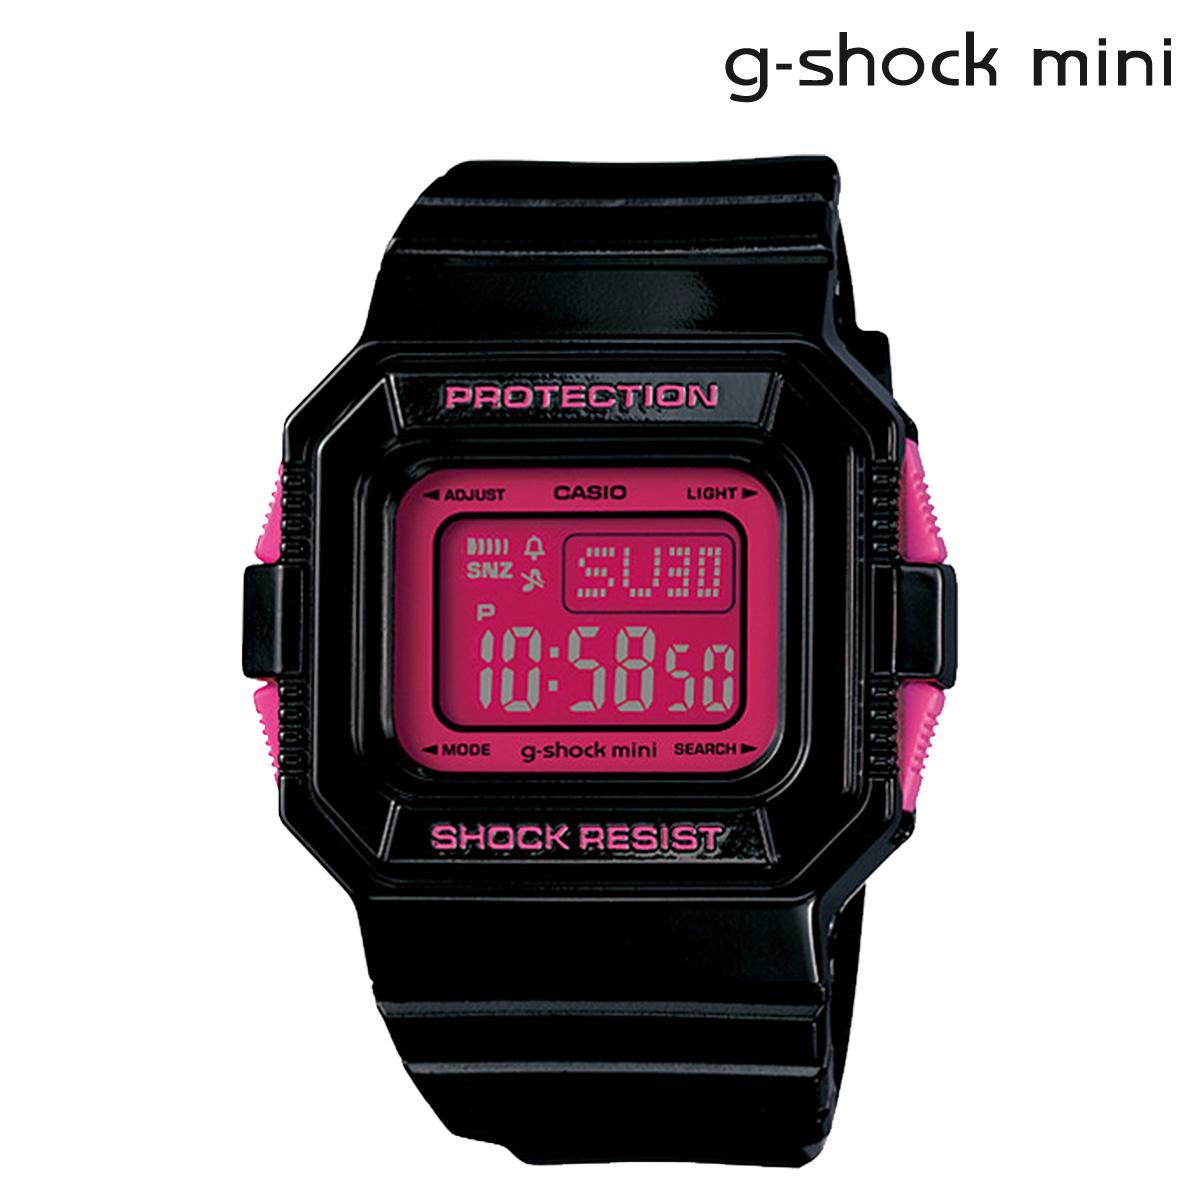 カシオ CASIO g-shock mini 腕時計 GMN-550-1BJR ジーショック ミニ Gショック G-ショック レディース